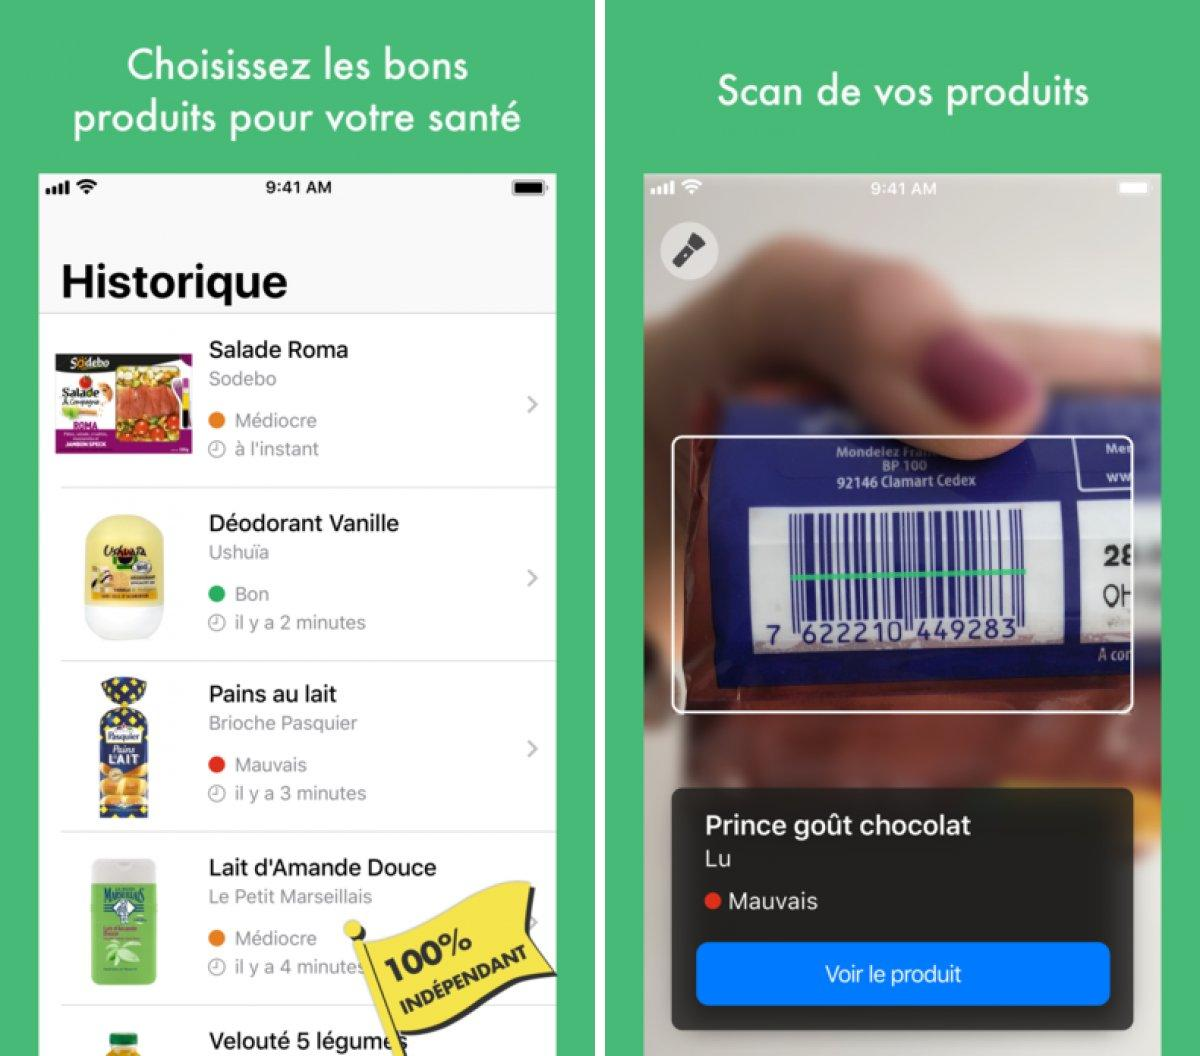 yuka l app de scan de produits devient en partie payante iphone soft